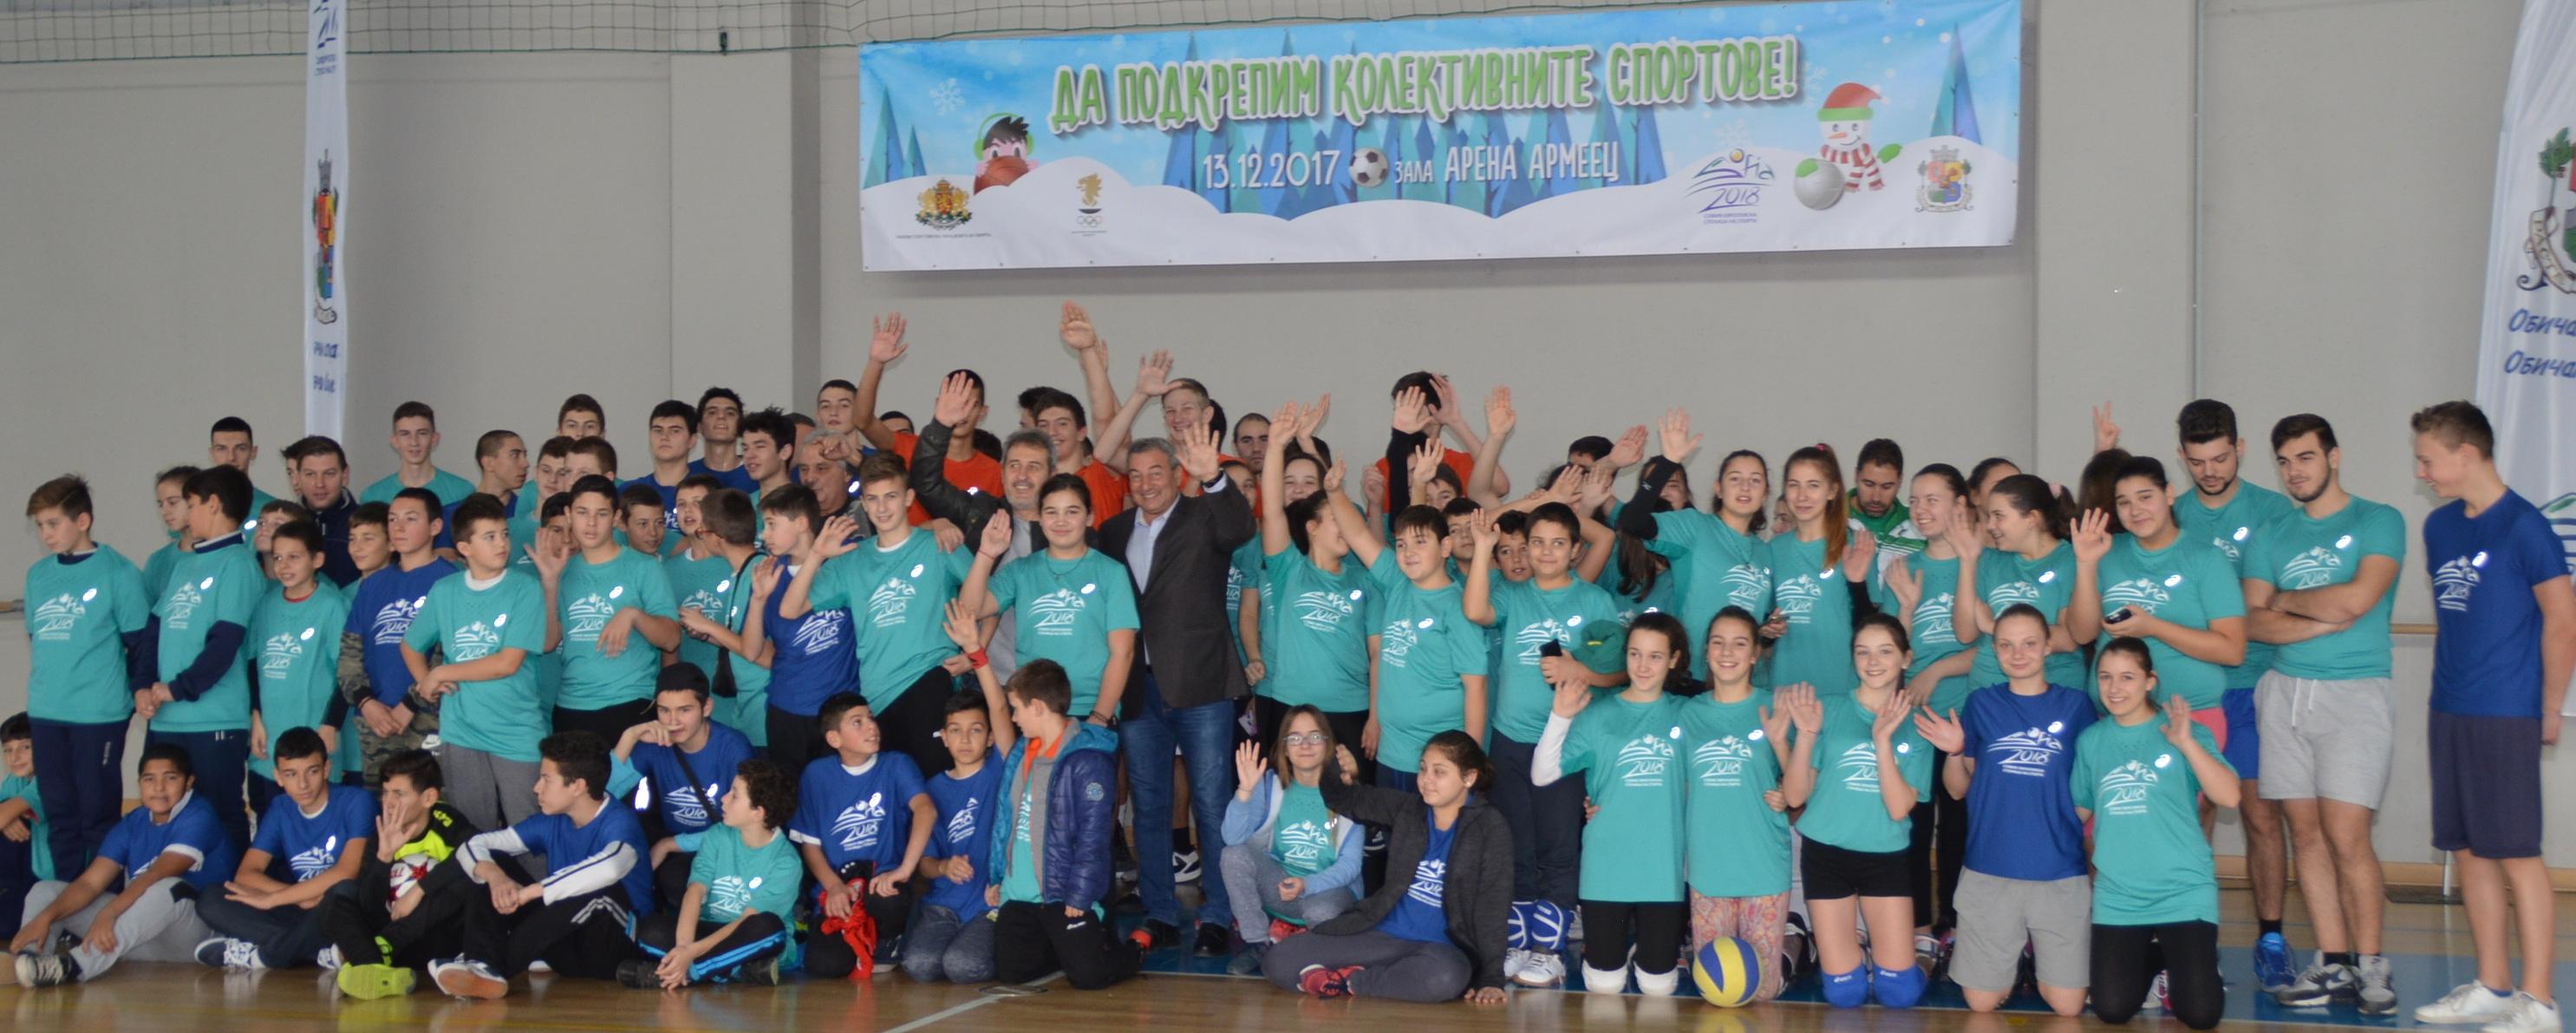 Близо 600 деца получиха награди и отличия по време на